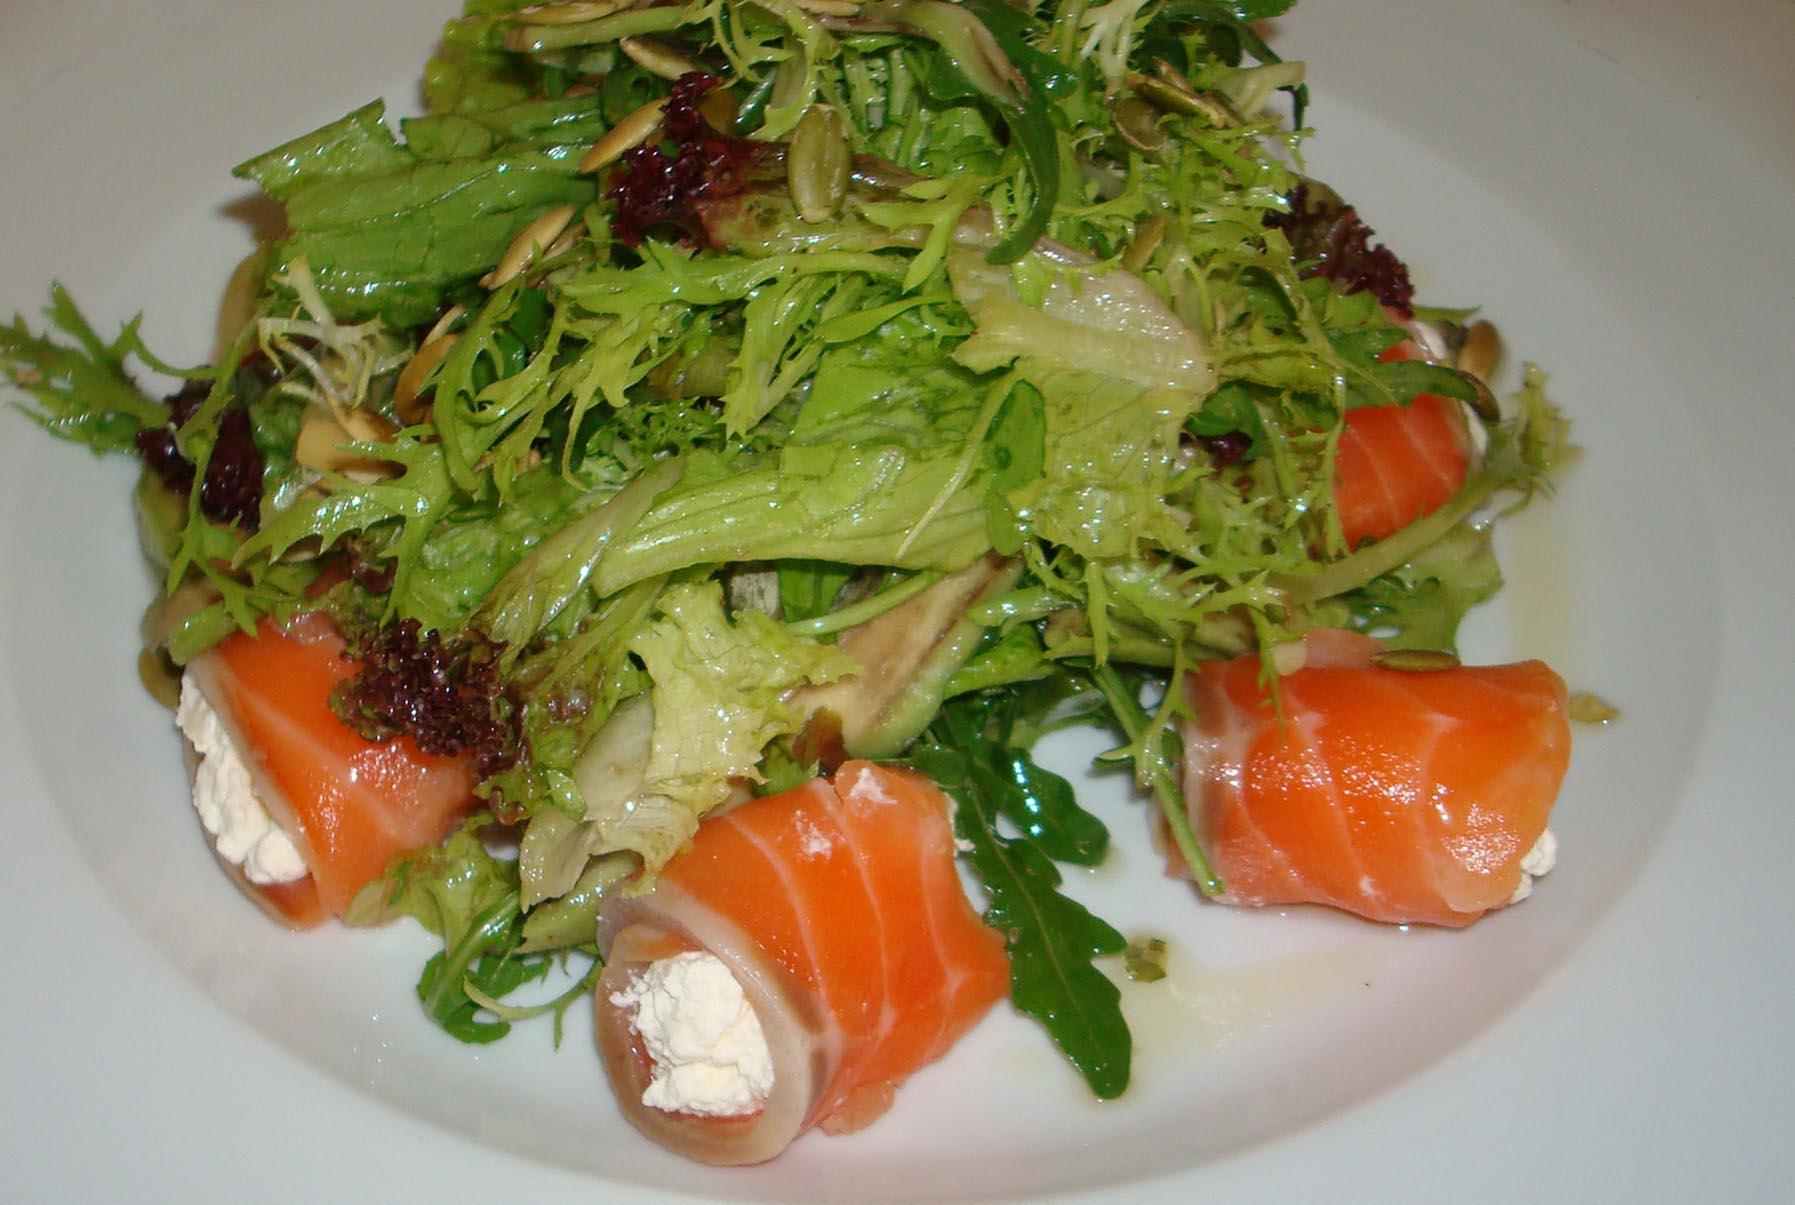 Этот салат как раз относится к таким кушаньям – он калорийный и очень питательный.